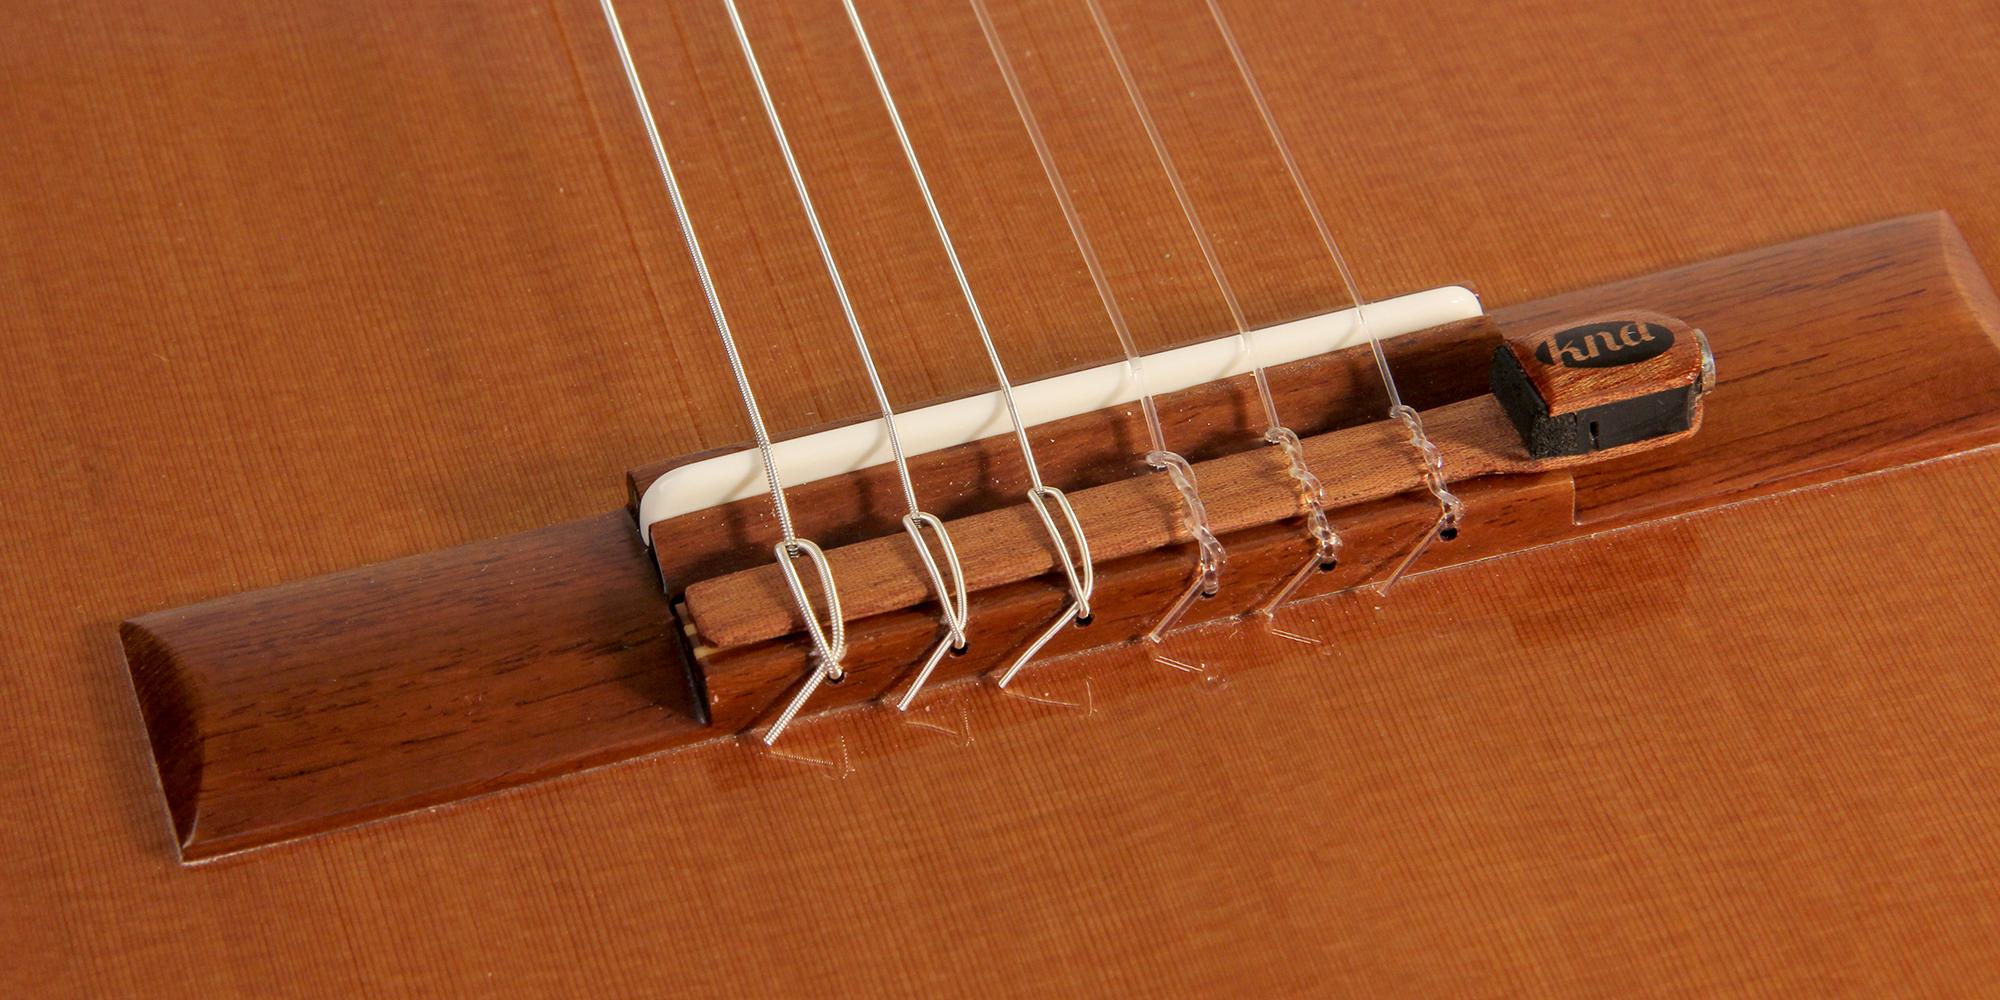 ng 1 guitar pickup guitars ukuleles violas violins and violoncellos handcrafted european